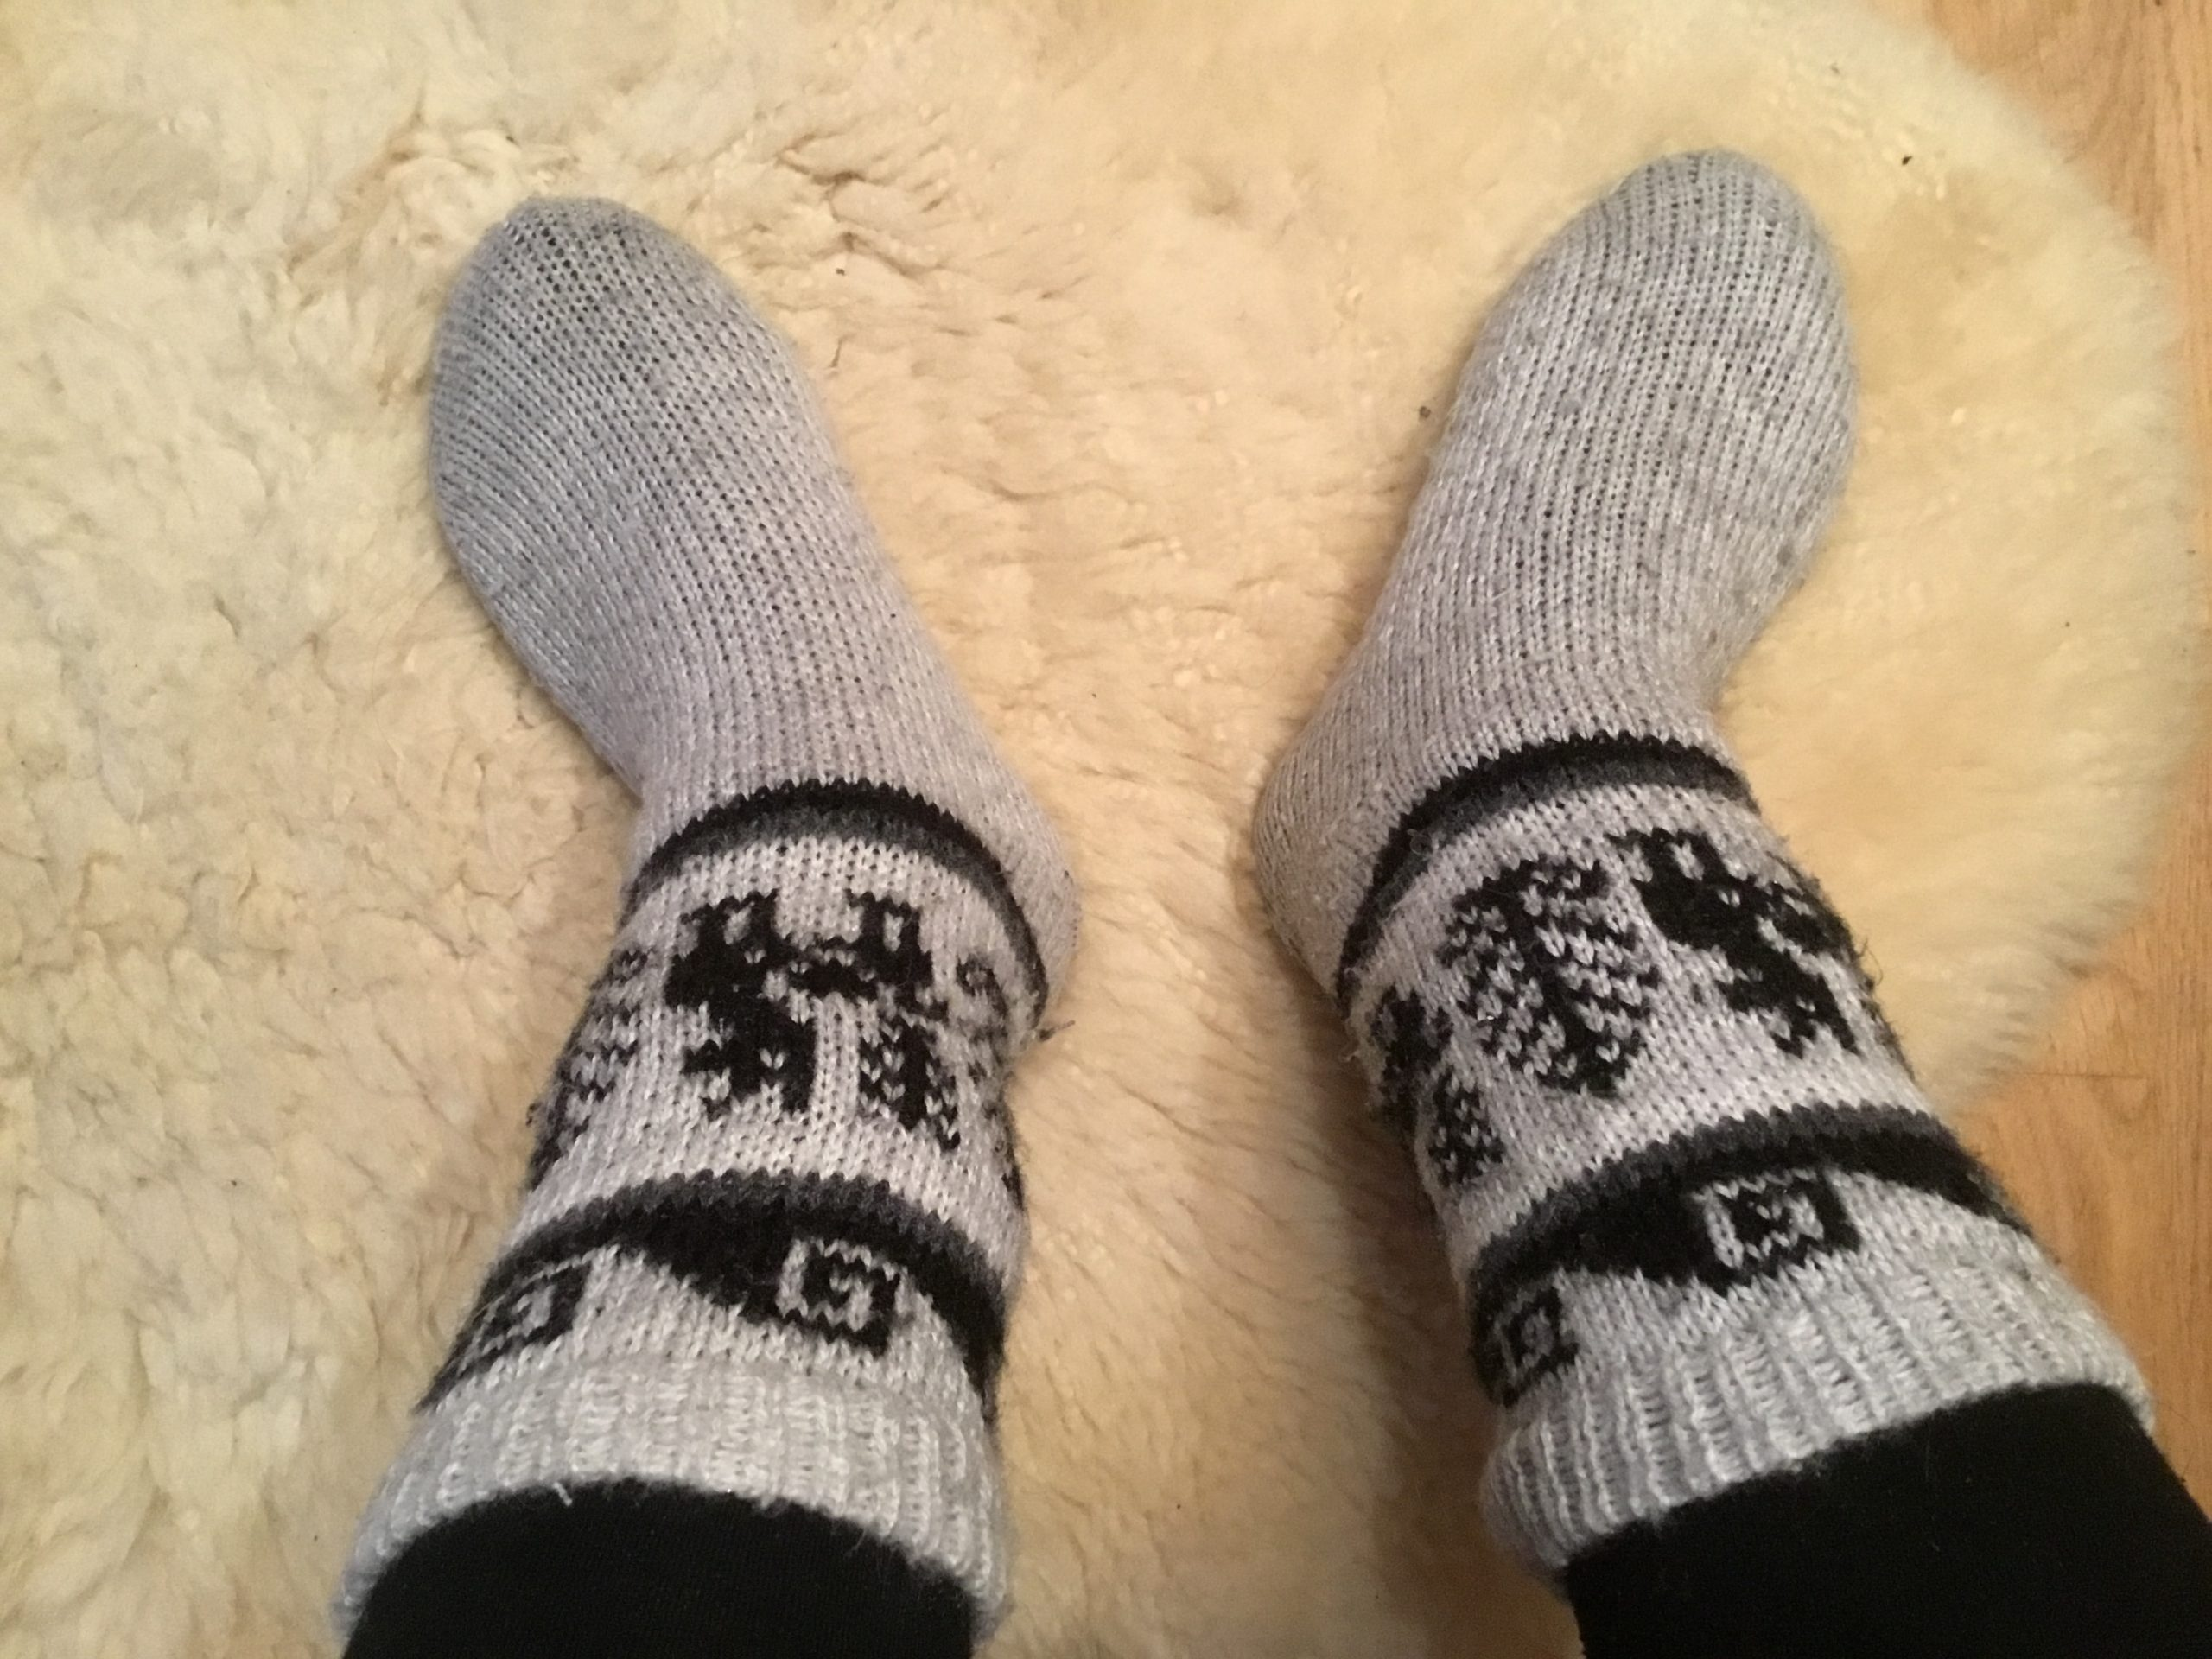 Richtig! Wollige Kuschelsocken halten Deine Füße warm. 🧦